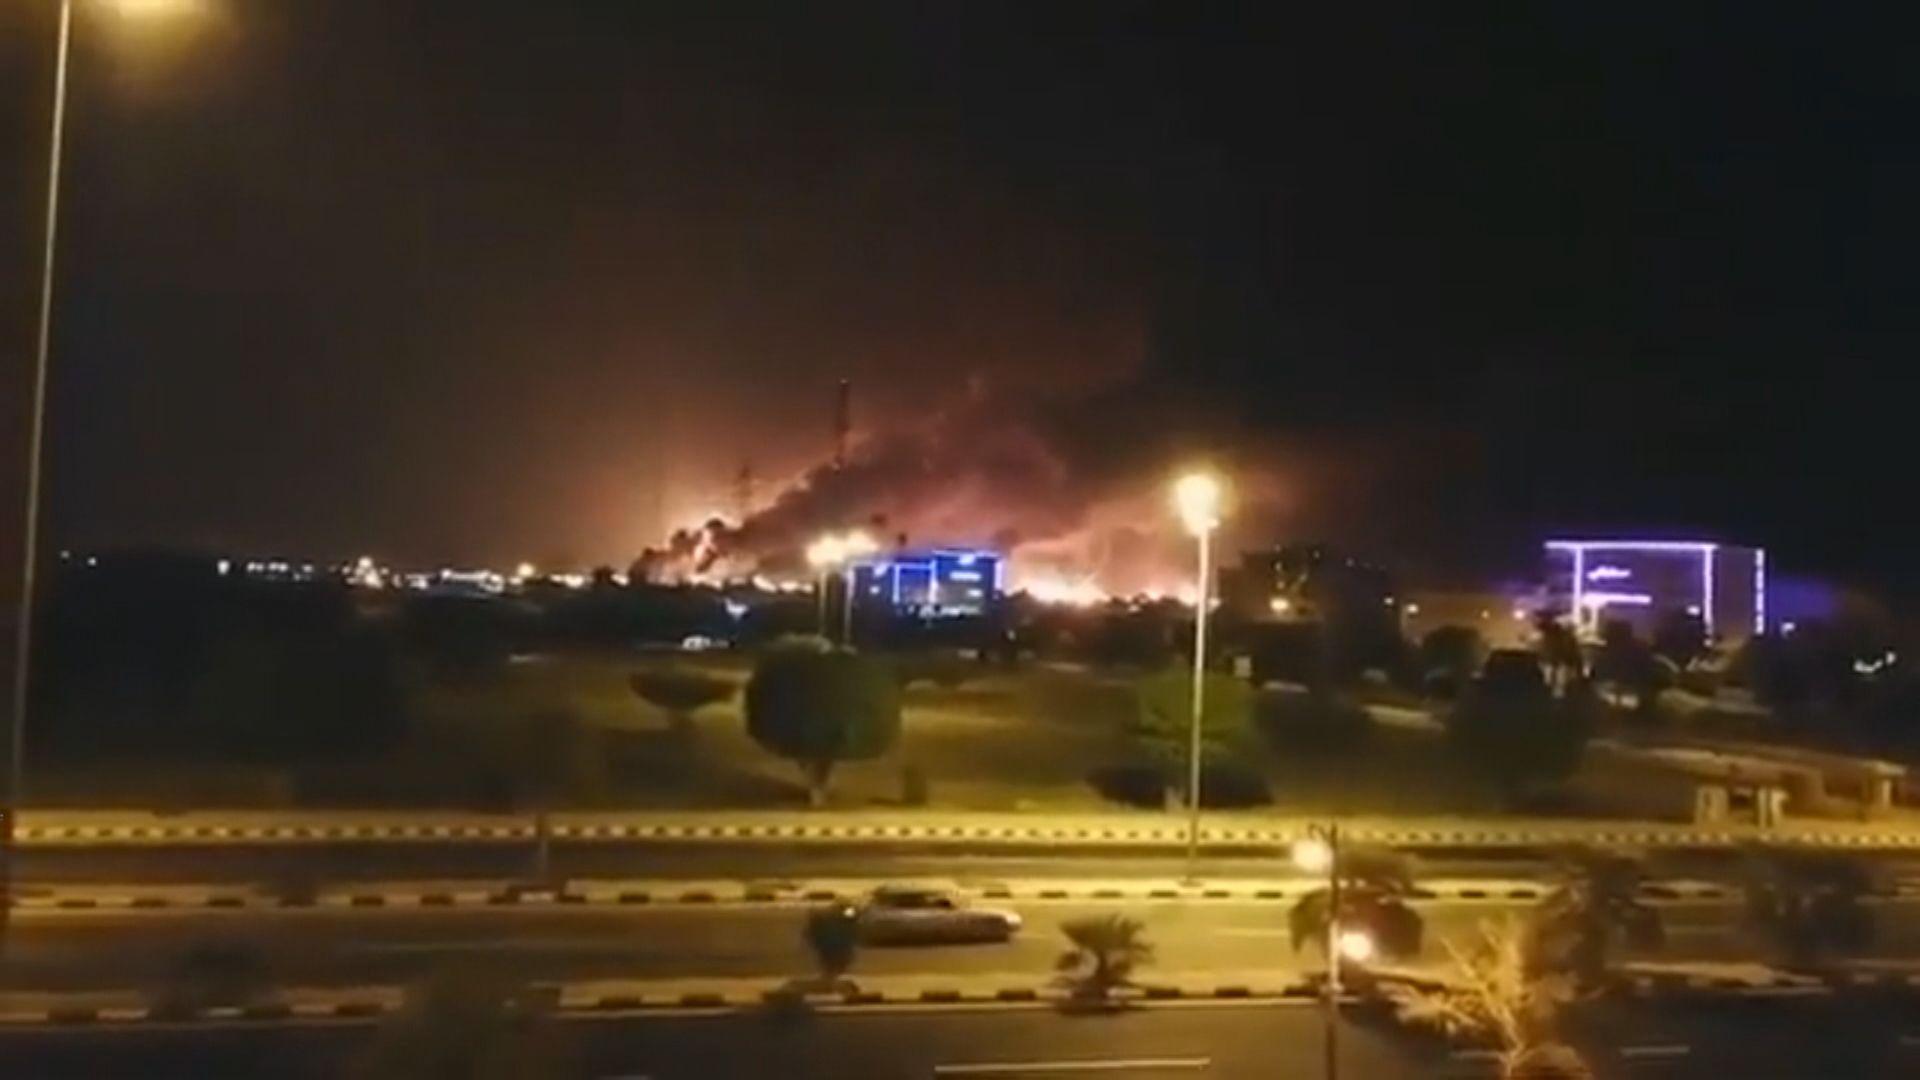 沙特煉油廠遭胡塞武裝無人機襲擊